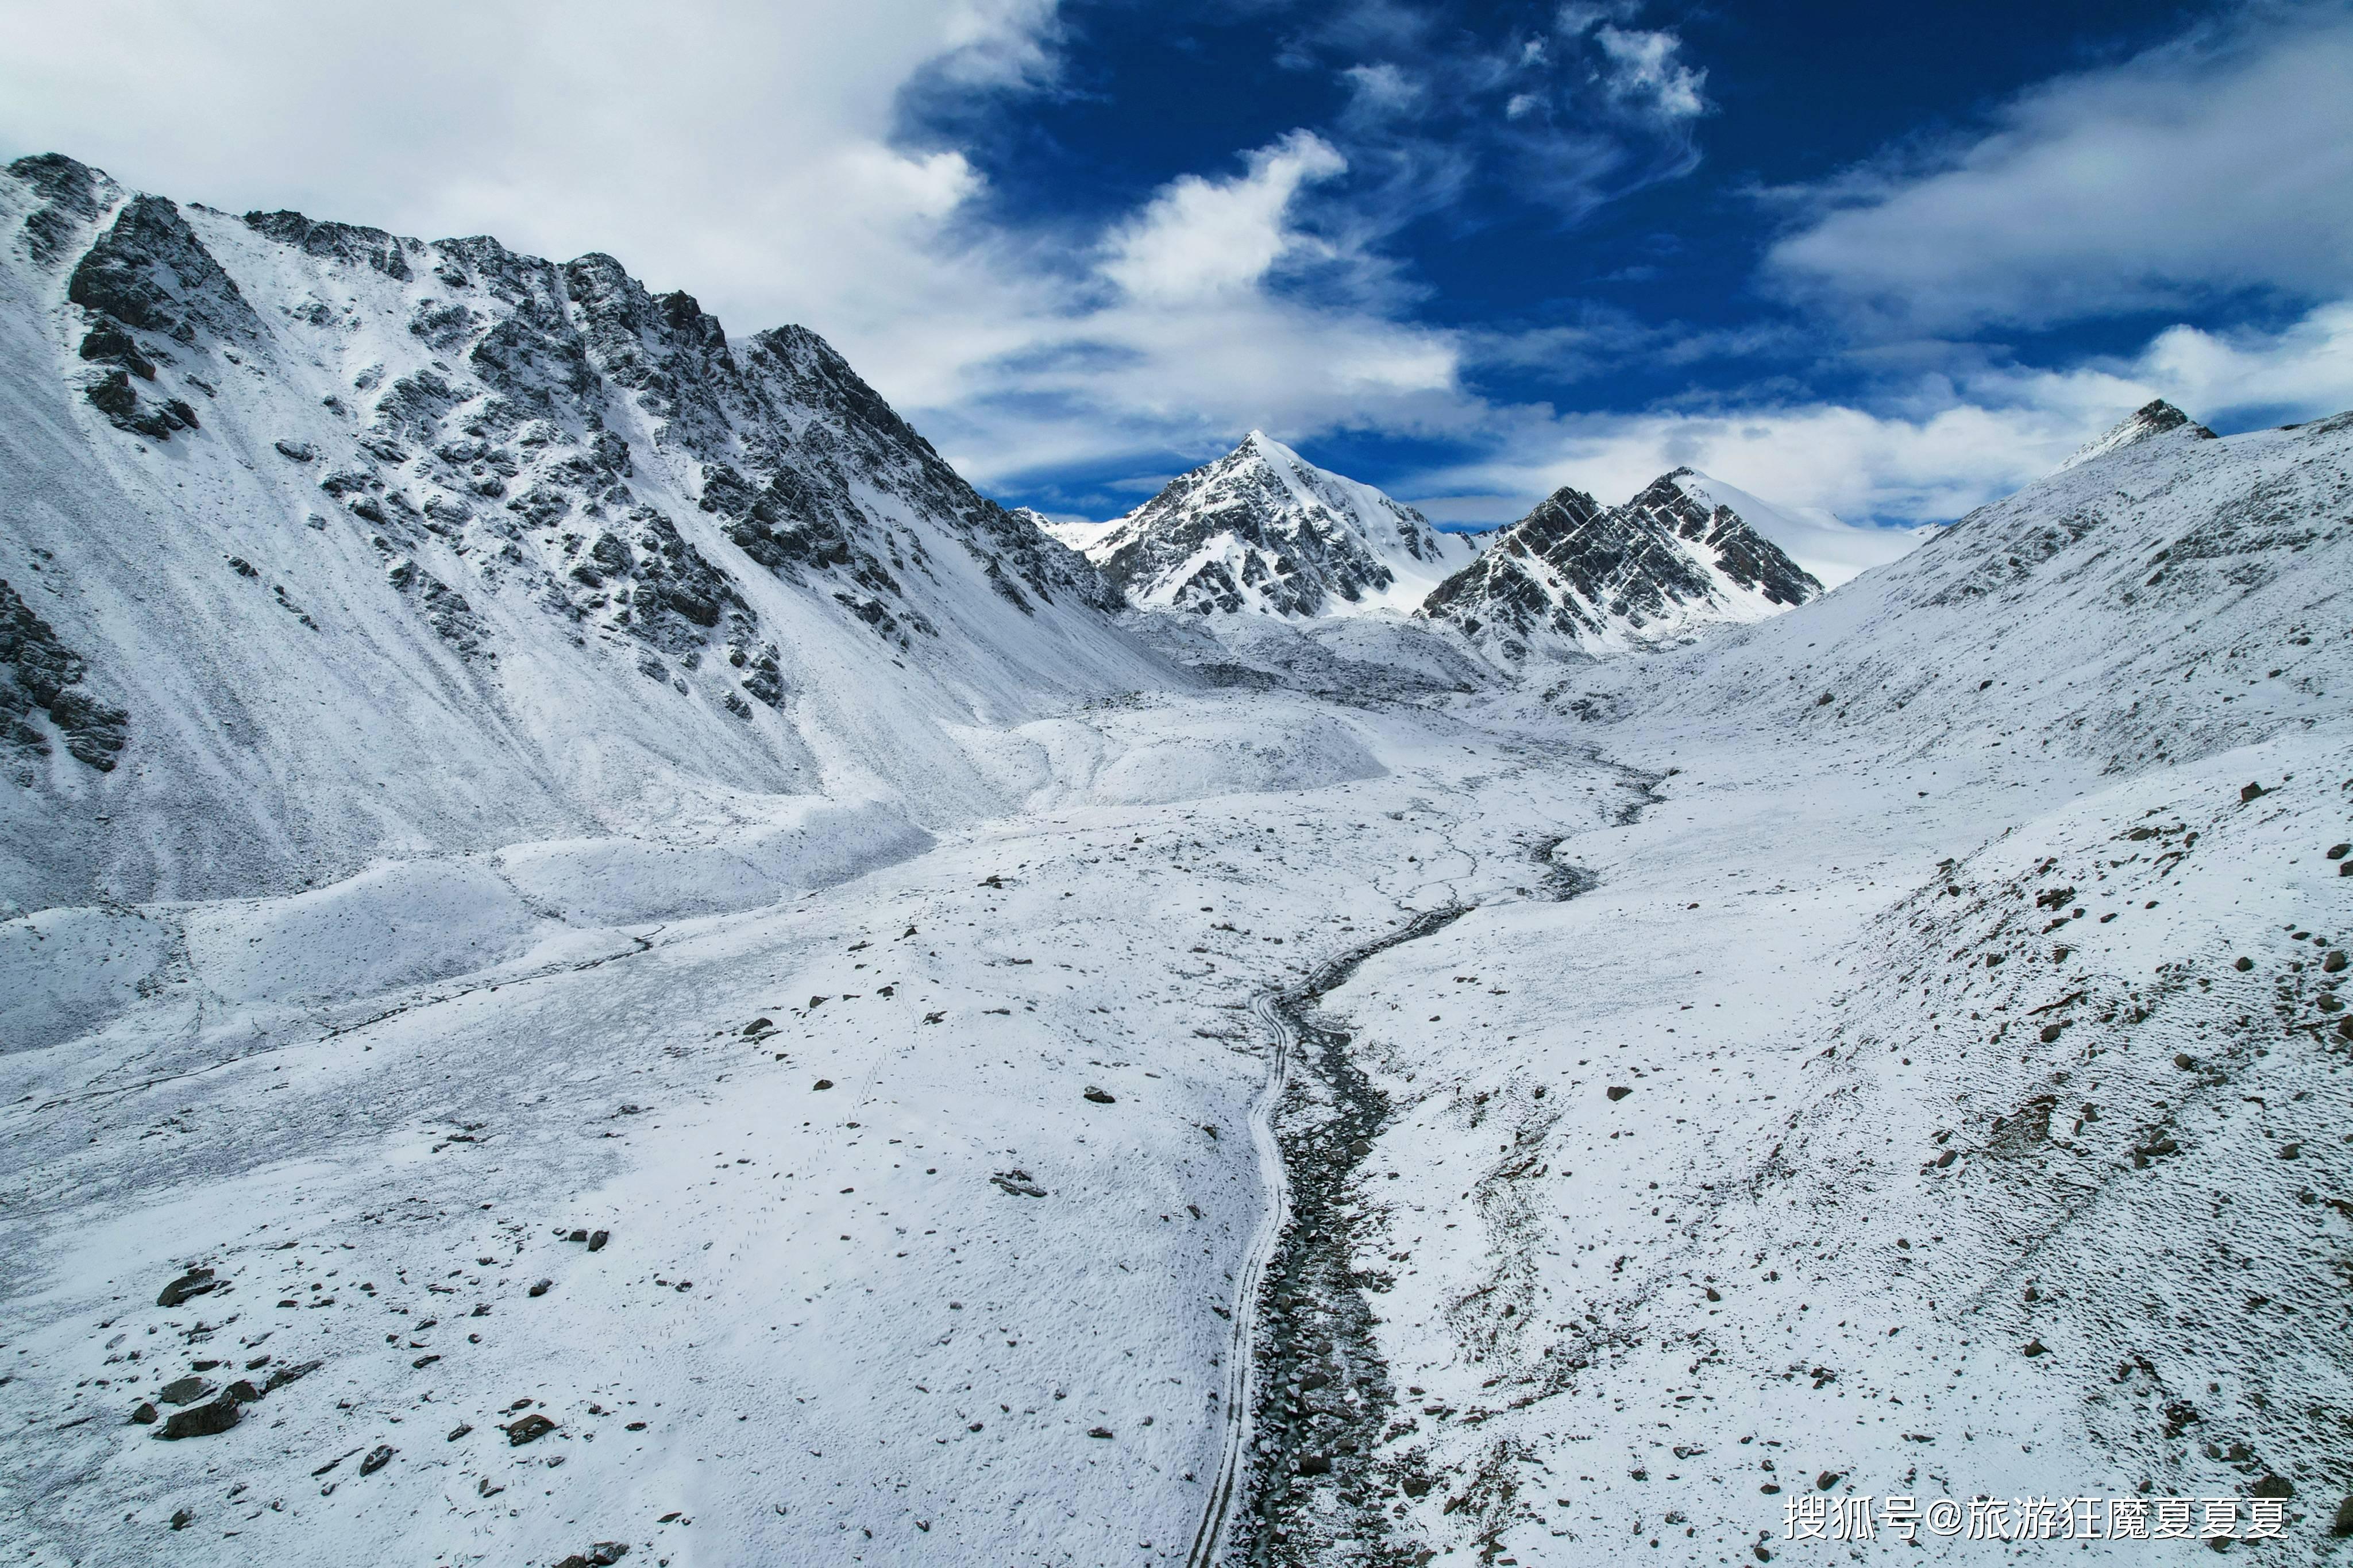 裕固族人心中的圣山,六座雪山接连成片,主峰海拔5118米